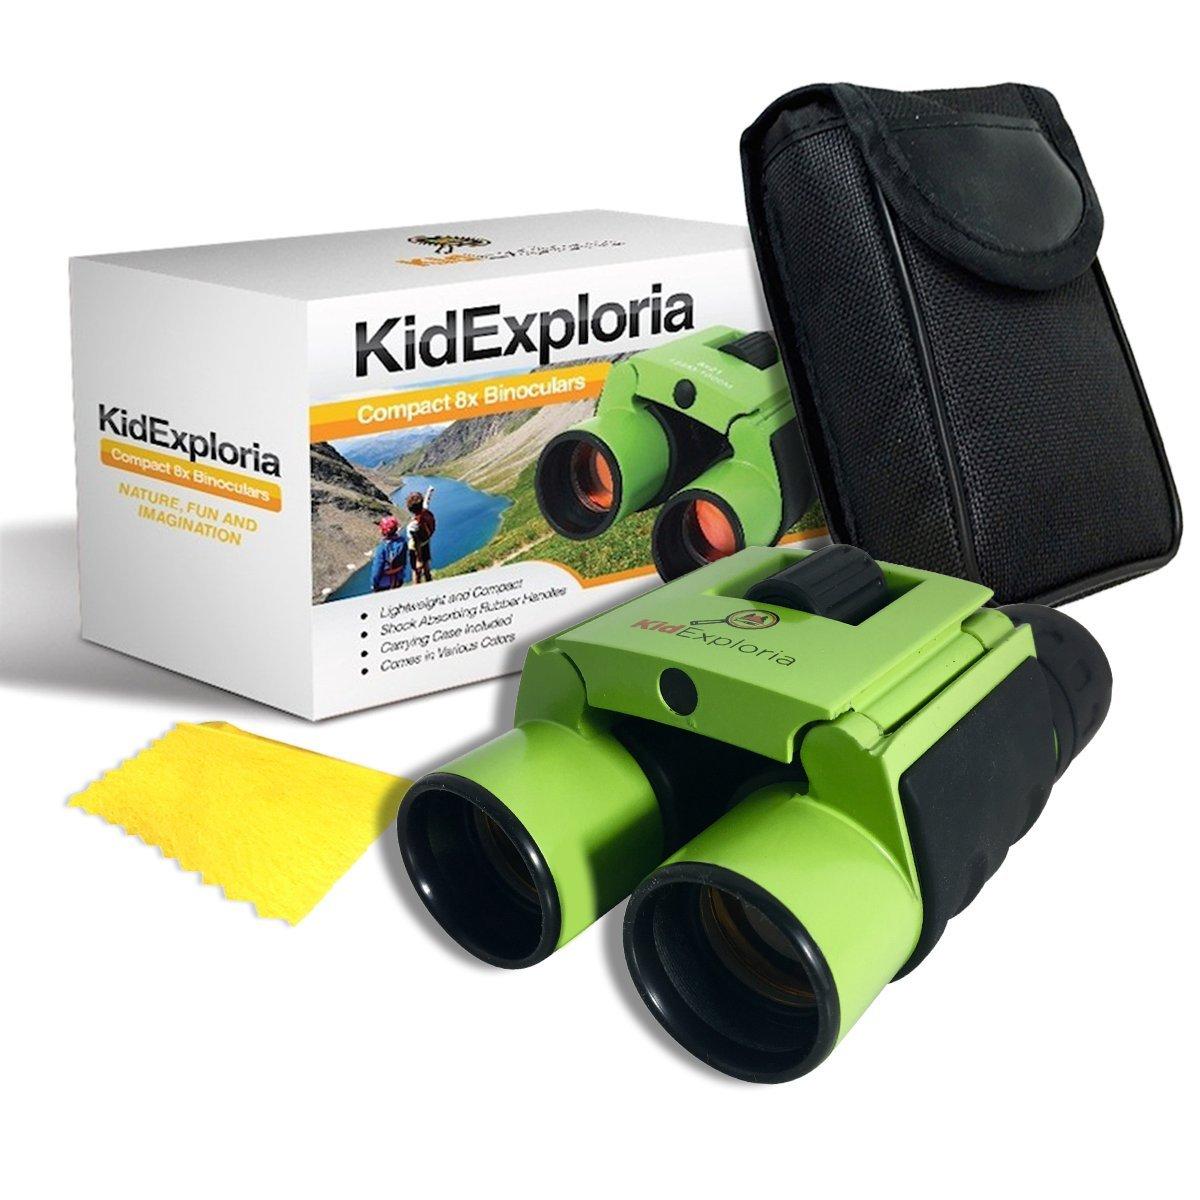 双眼鏡for Kids Set 8 x 21-コンパクトand Small :ポケットサイズ、耐衝撃、Bird Watching、ハイキング、教育、自然、科学、Backyard Discovery by Kid exploria B01N3NNQKS